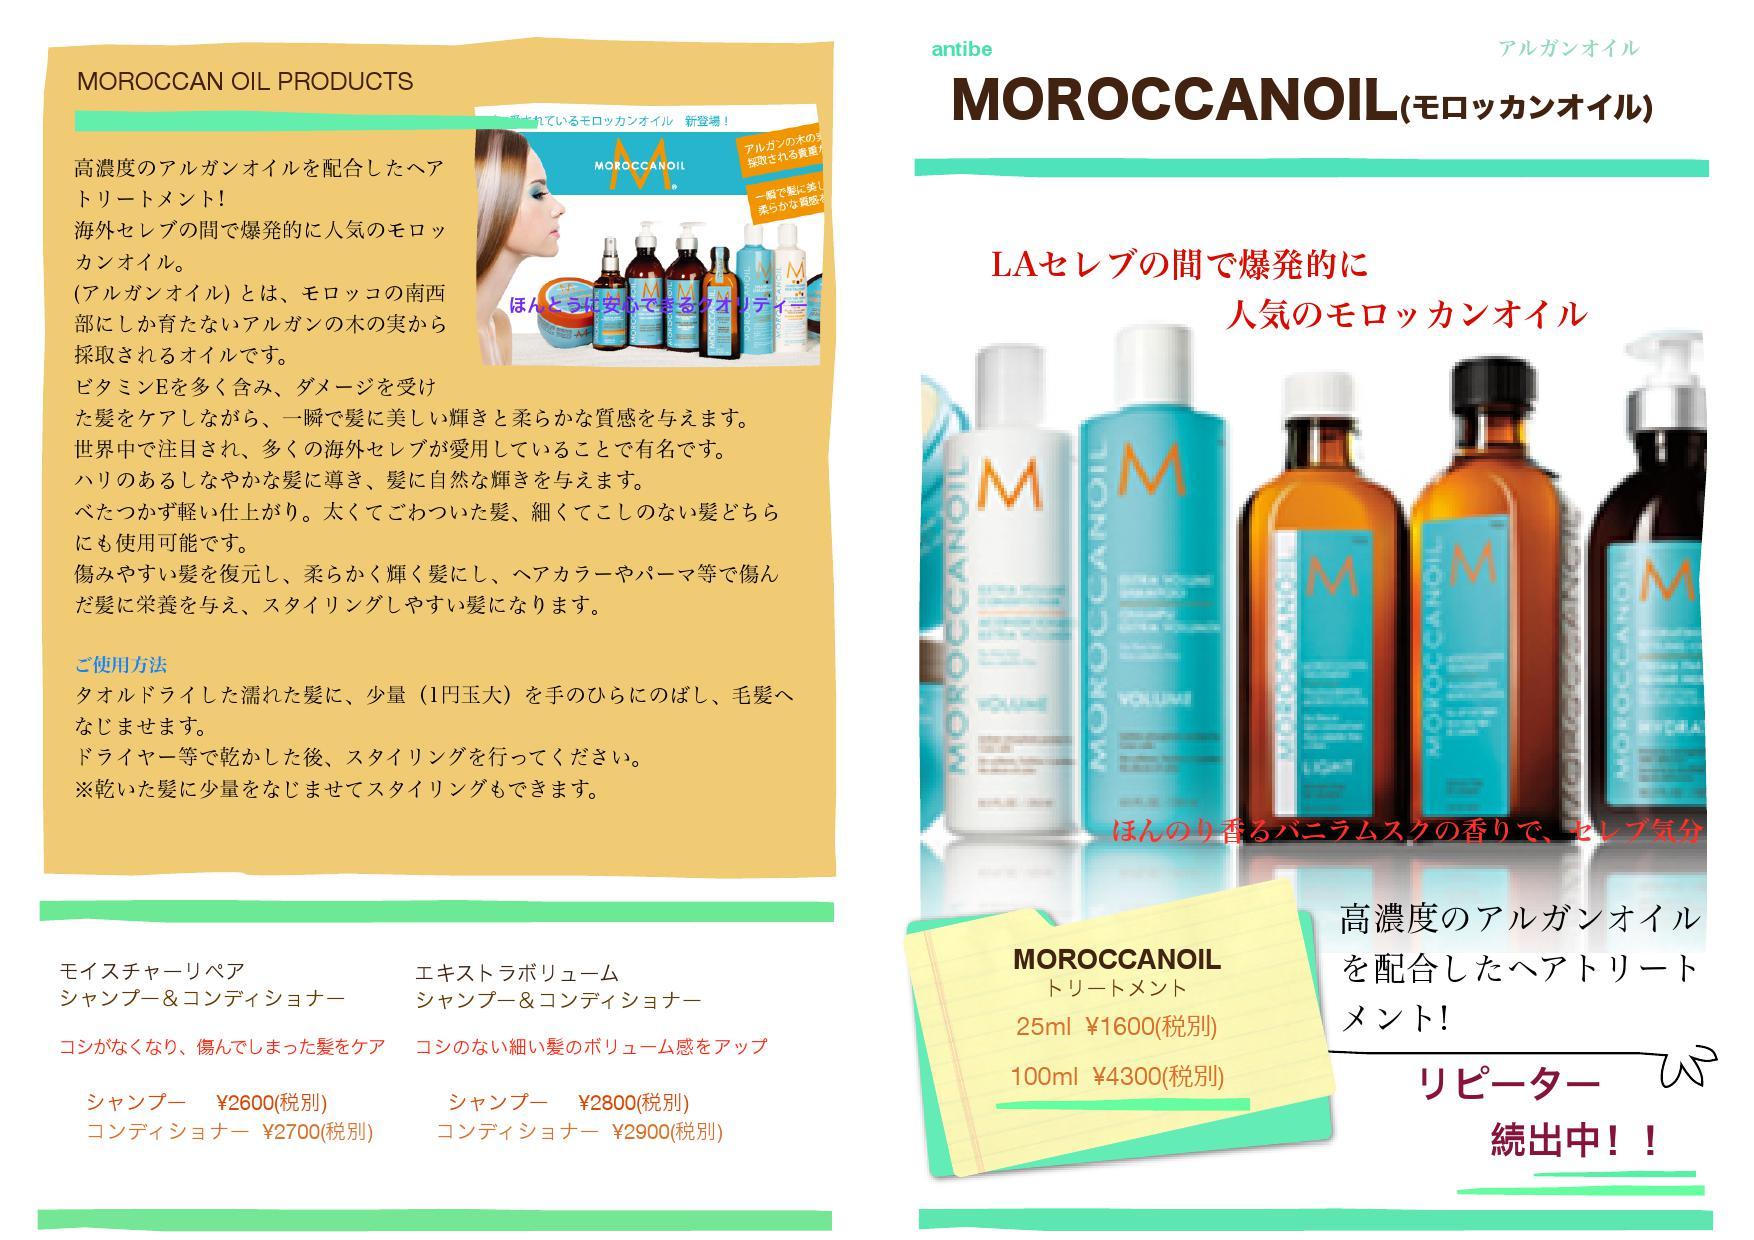 MOROCCANOIL3_000001